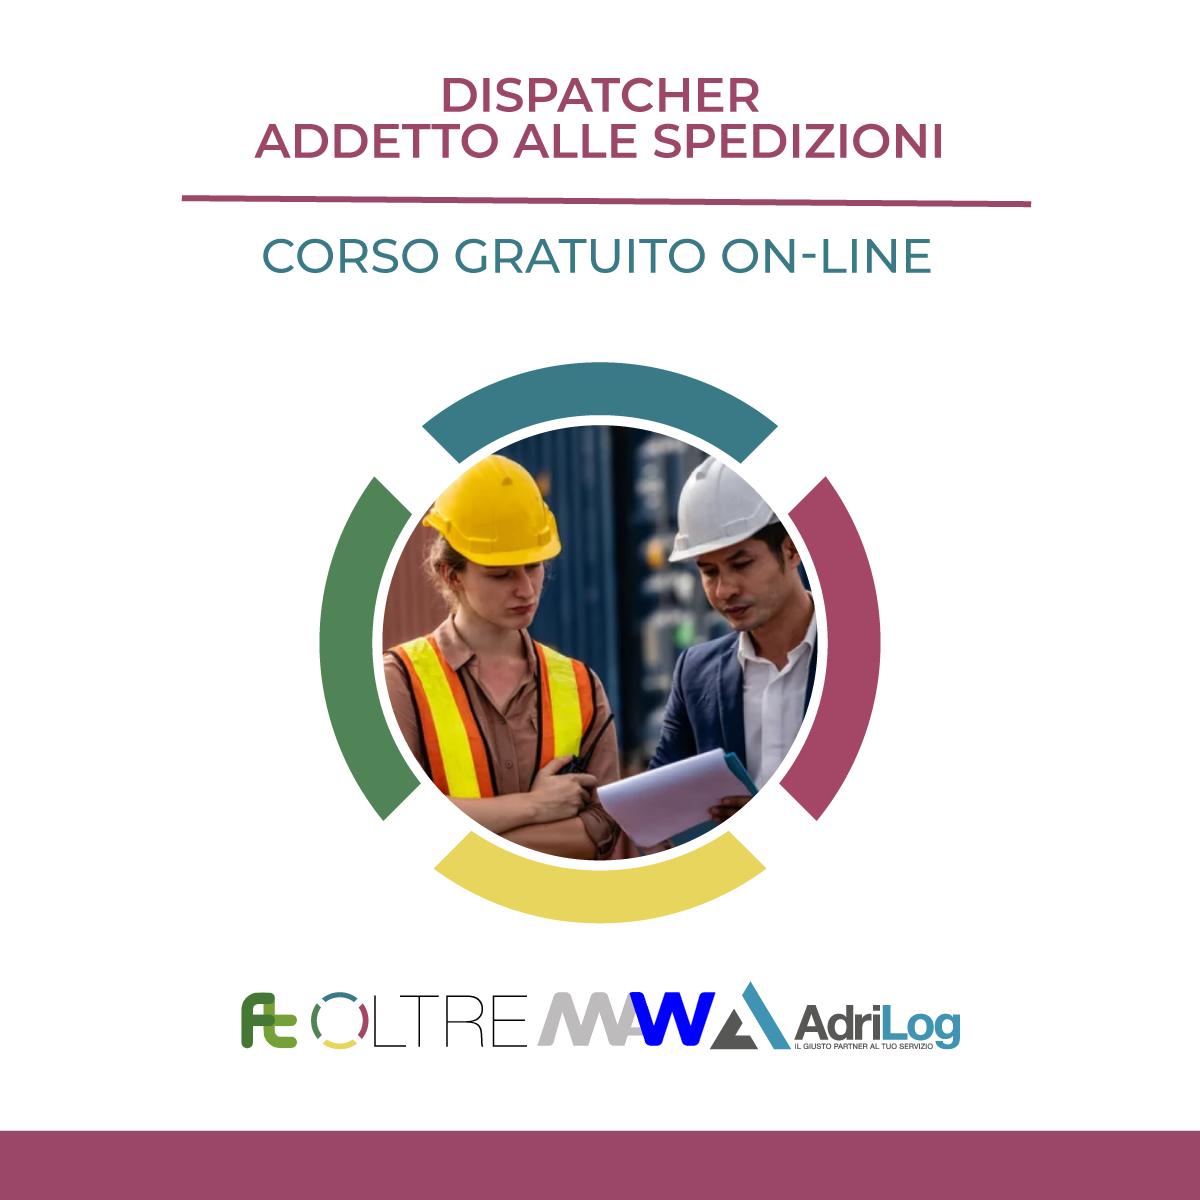 dispatcher addetto alle spedizioni; corso logistica; formazione logistica; logistica; formazione;